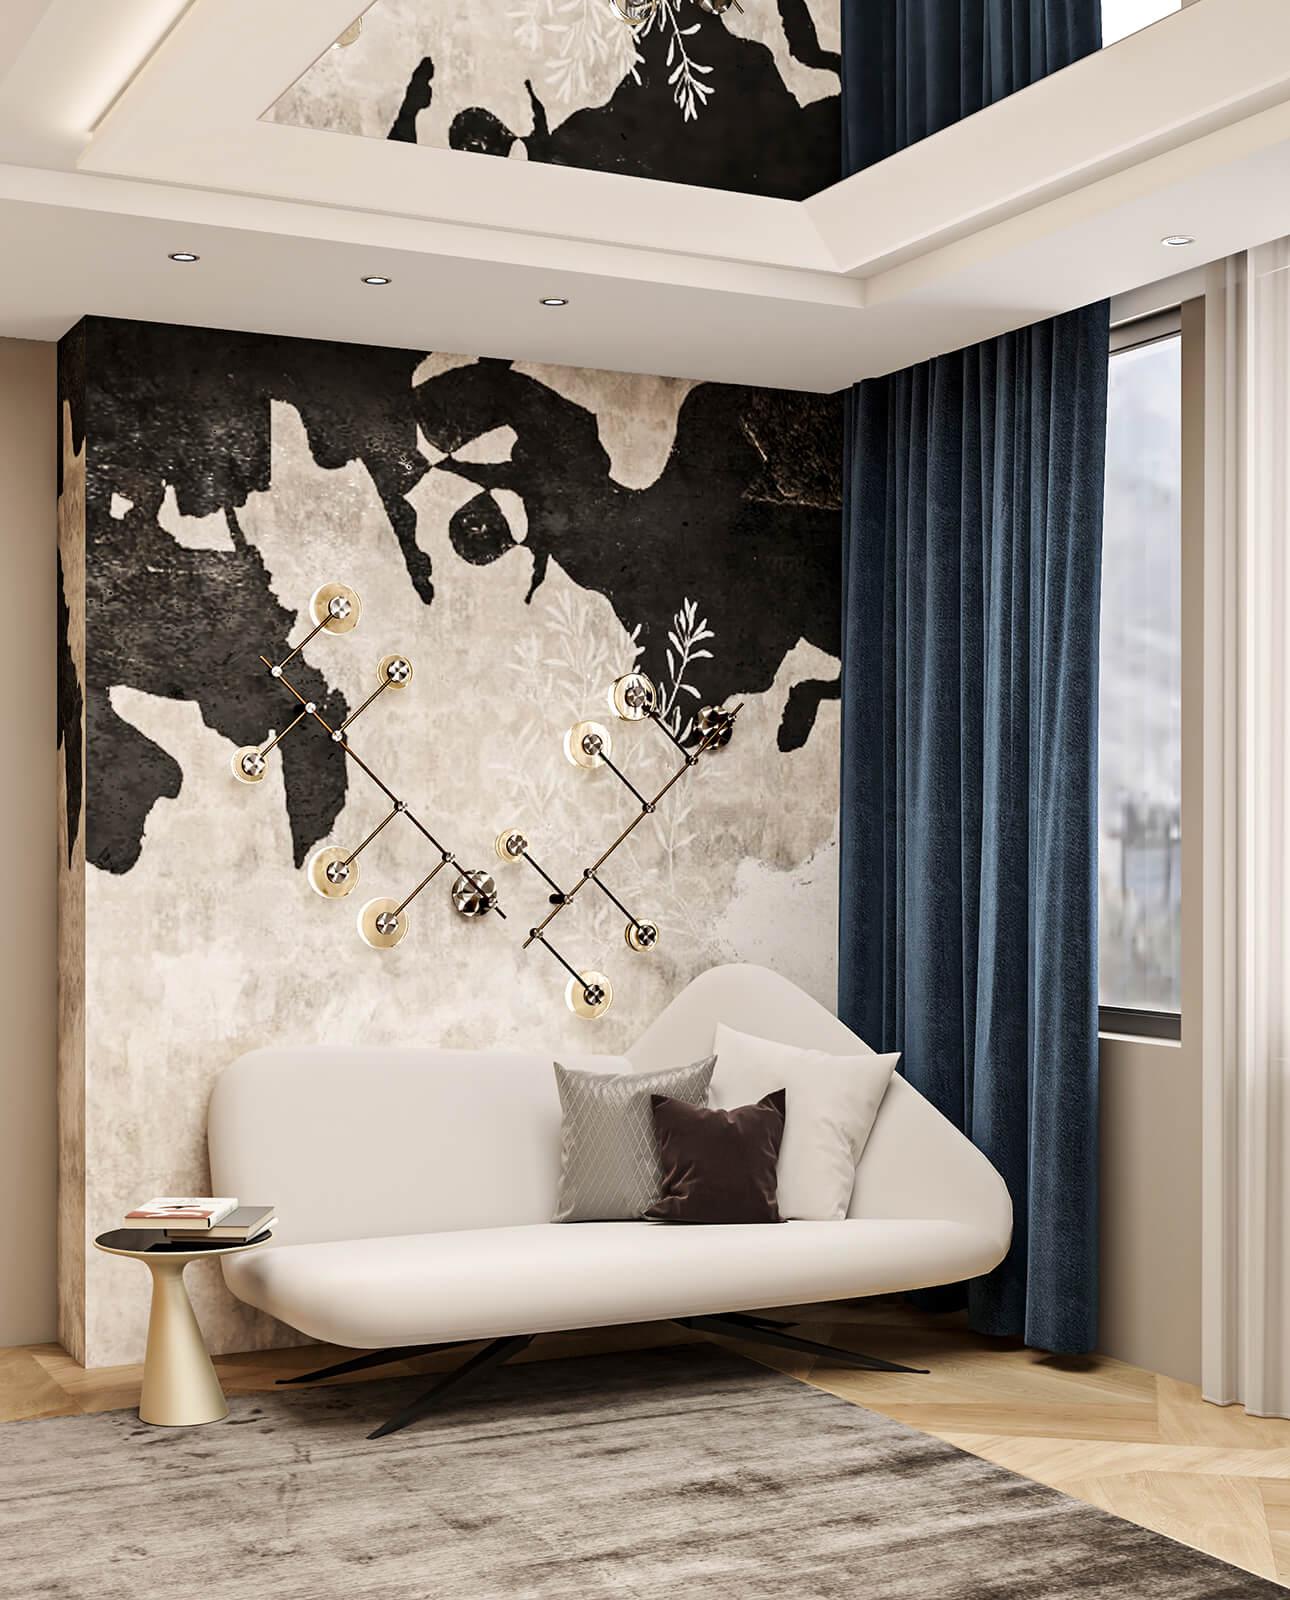 interioren-proekt-na-domashen-kabinet-home-office-1